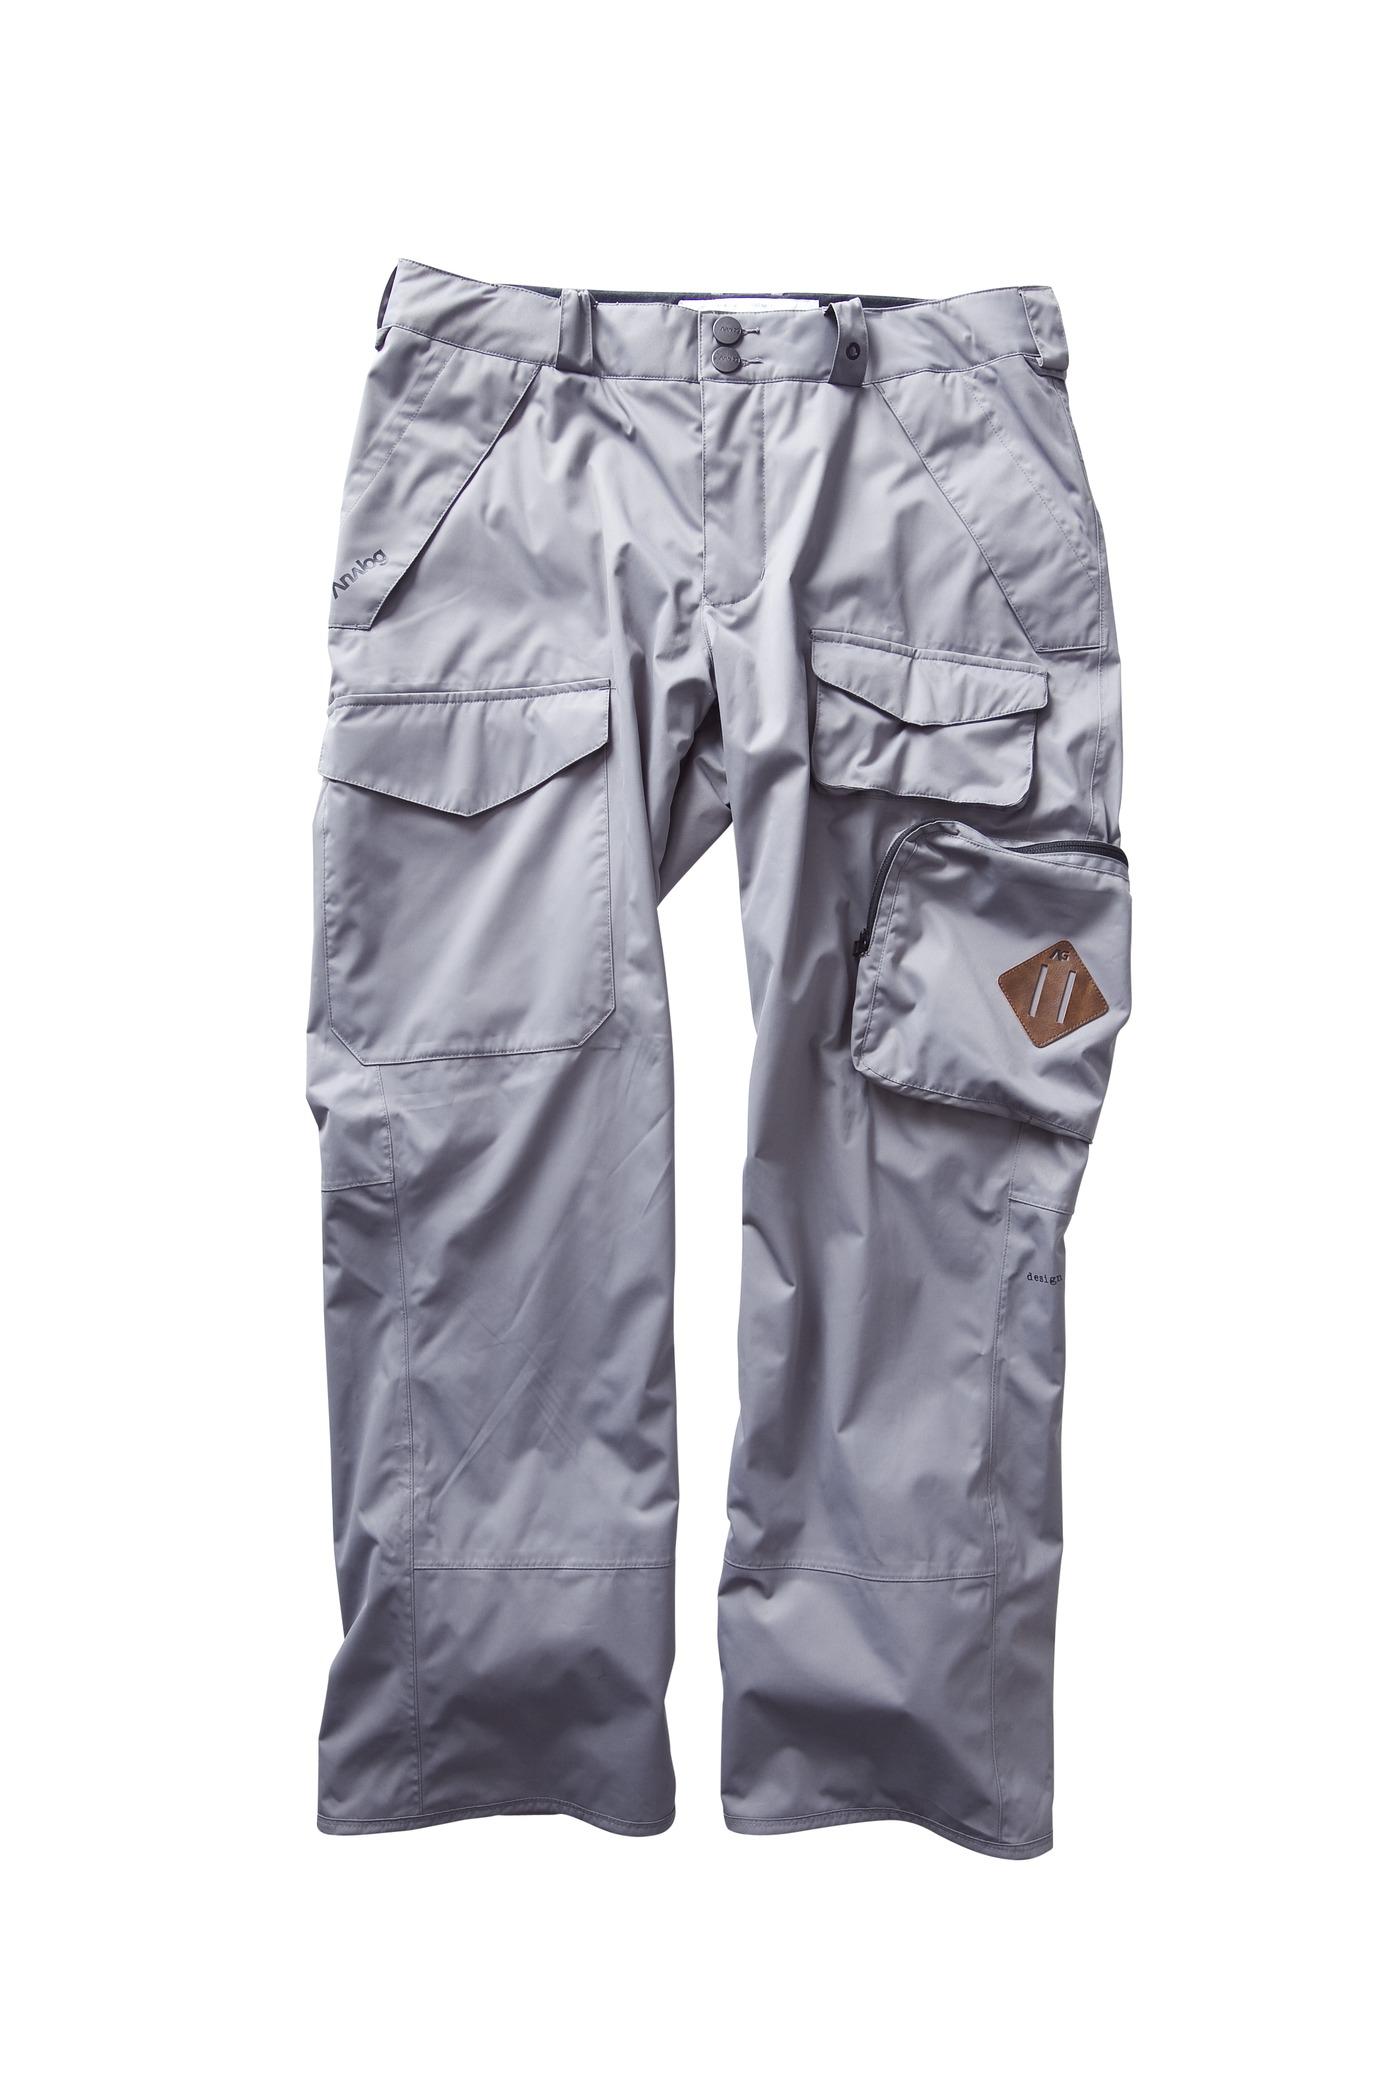 Spodnie Snowboardowe Analog Provision (Greyscale)